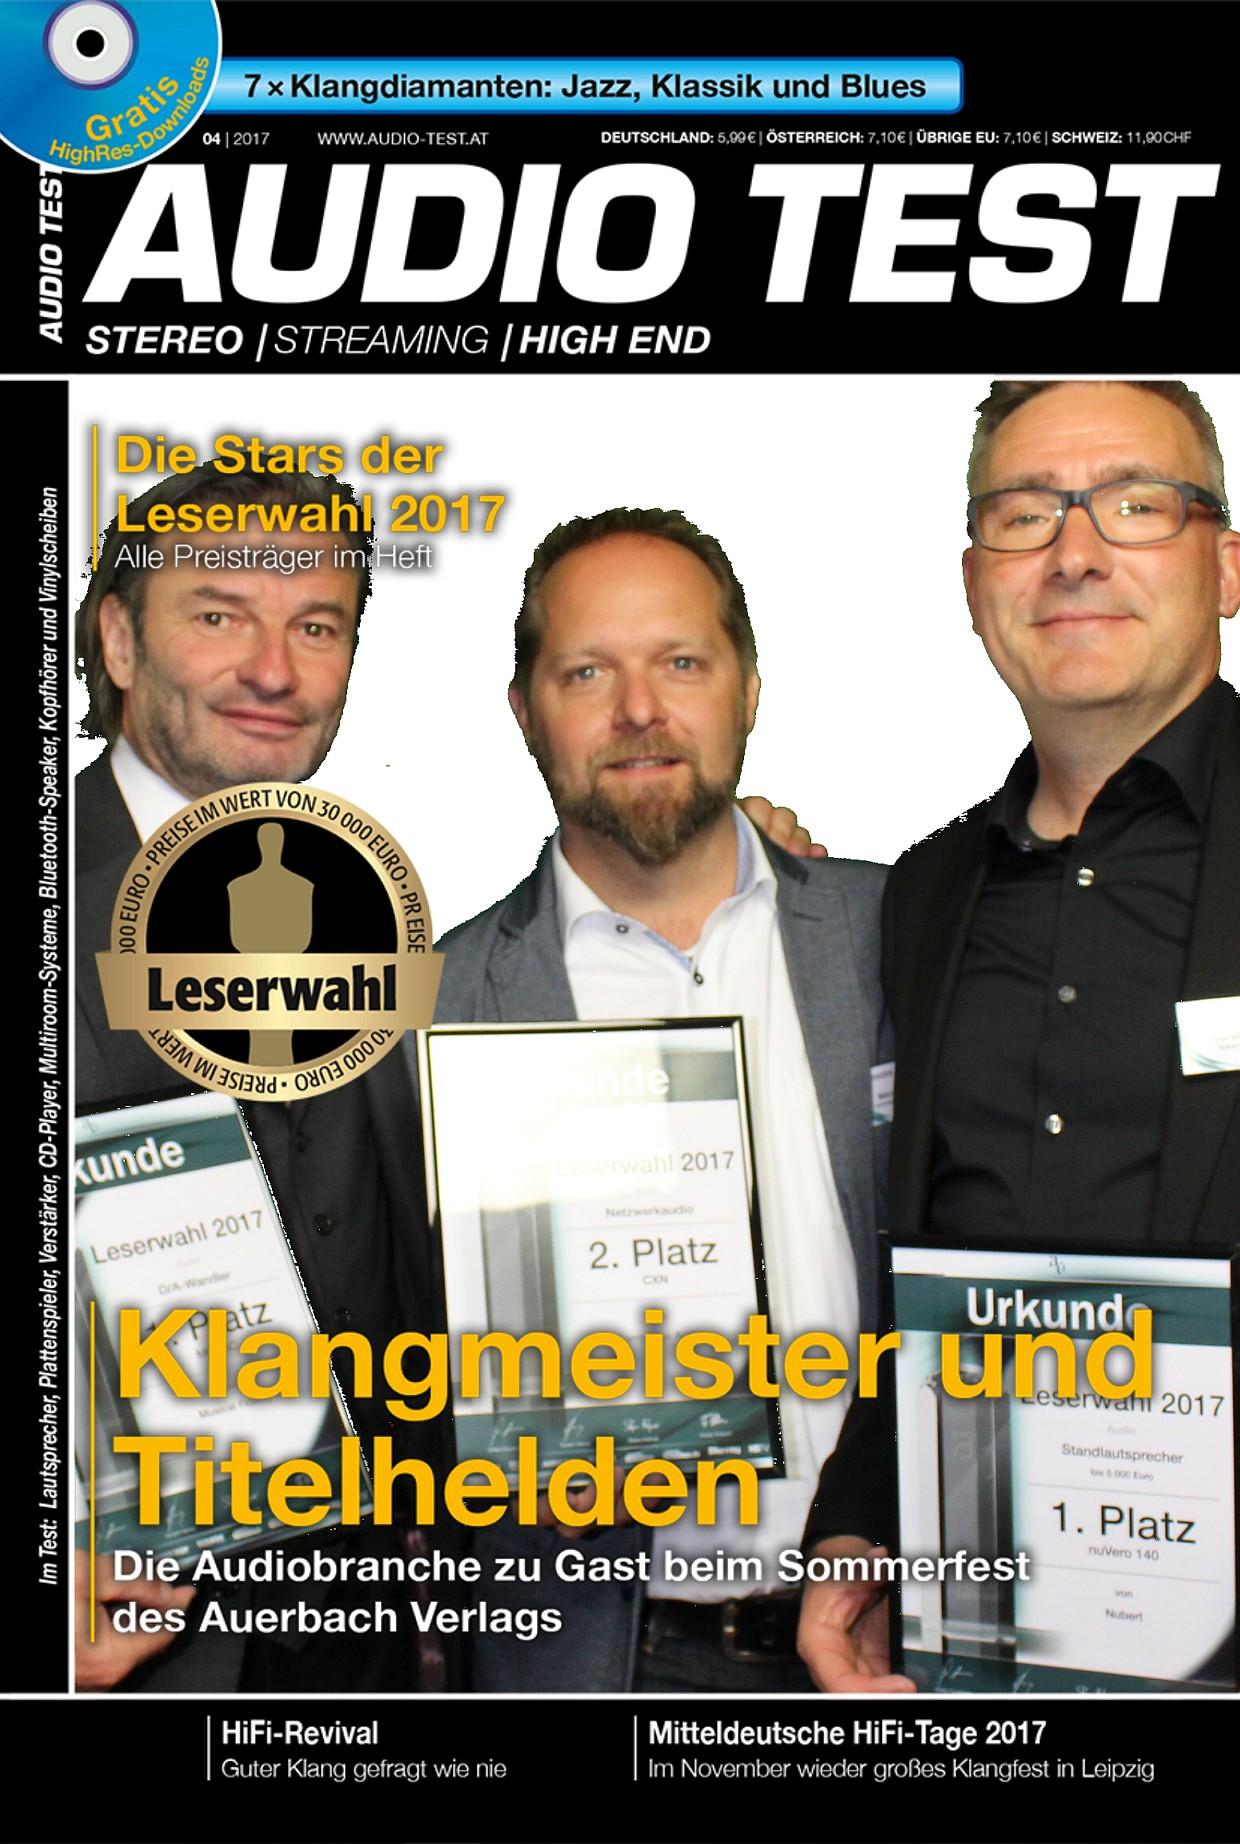 Extrablatt: Jürgen Reichmann (Reichmann Audiosysteme), Marcel Müller (Cambridge Audio) und Martin Bühler (Nubert) als Titelhelden in der AUDIO TEST-Fotobox